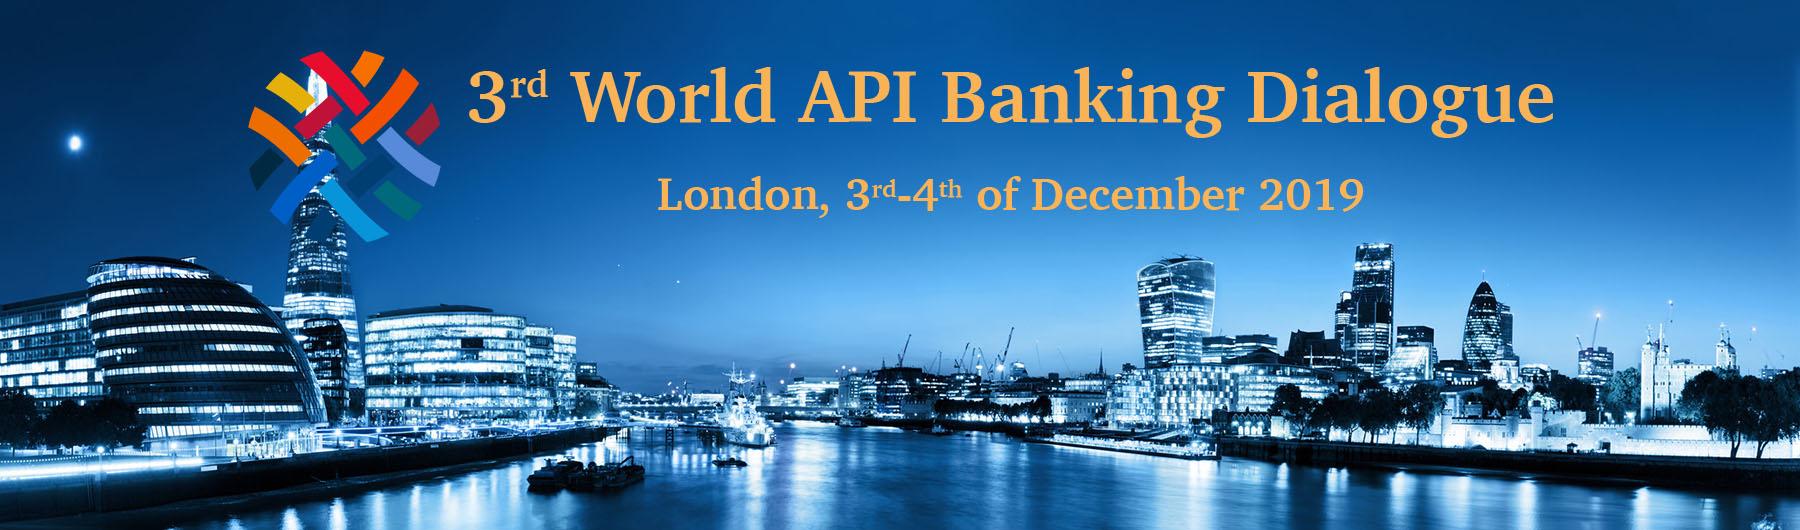 World API Banking Dialogue December 2019